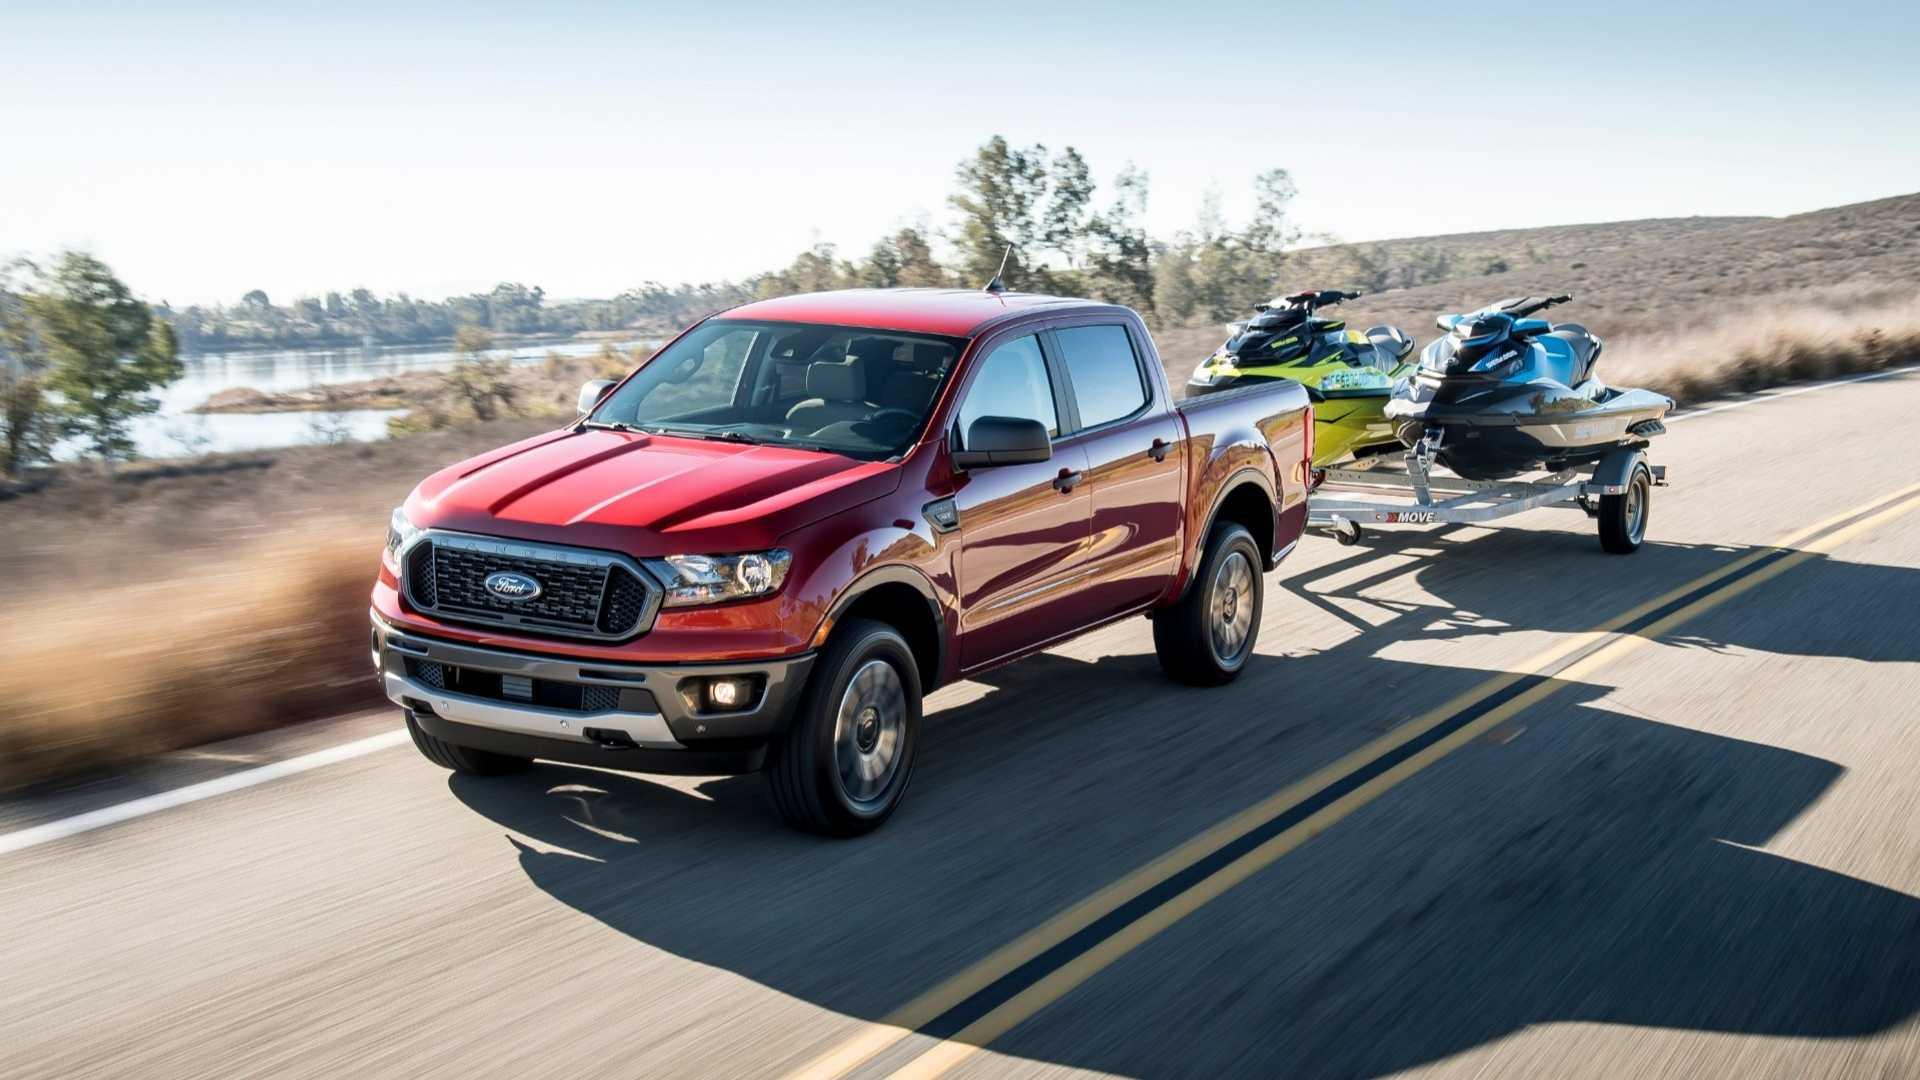 2019-ford-ranger-danh-gia-8-1.jpg